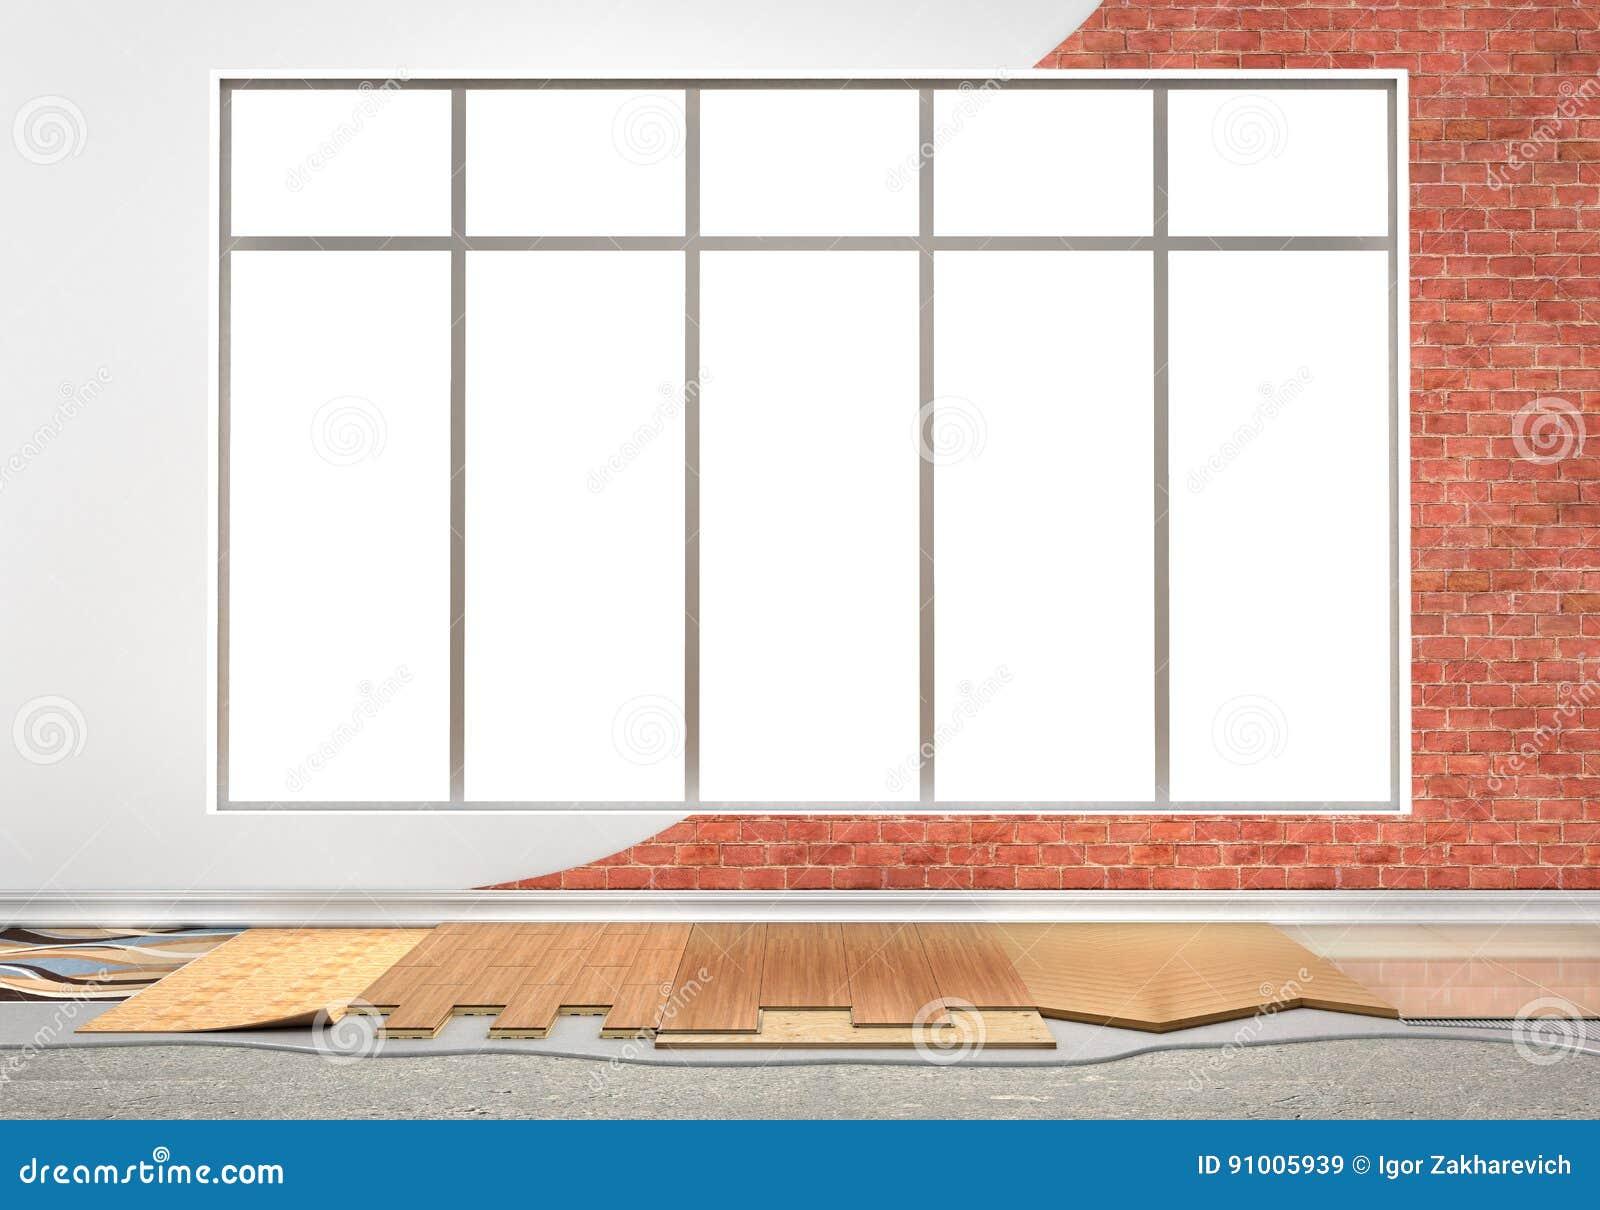 Le plancher dactylographie le revêtement Installation de plancher